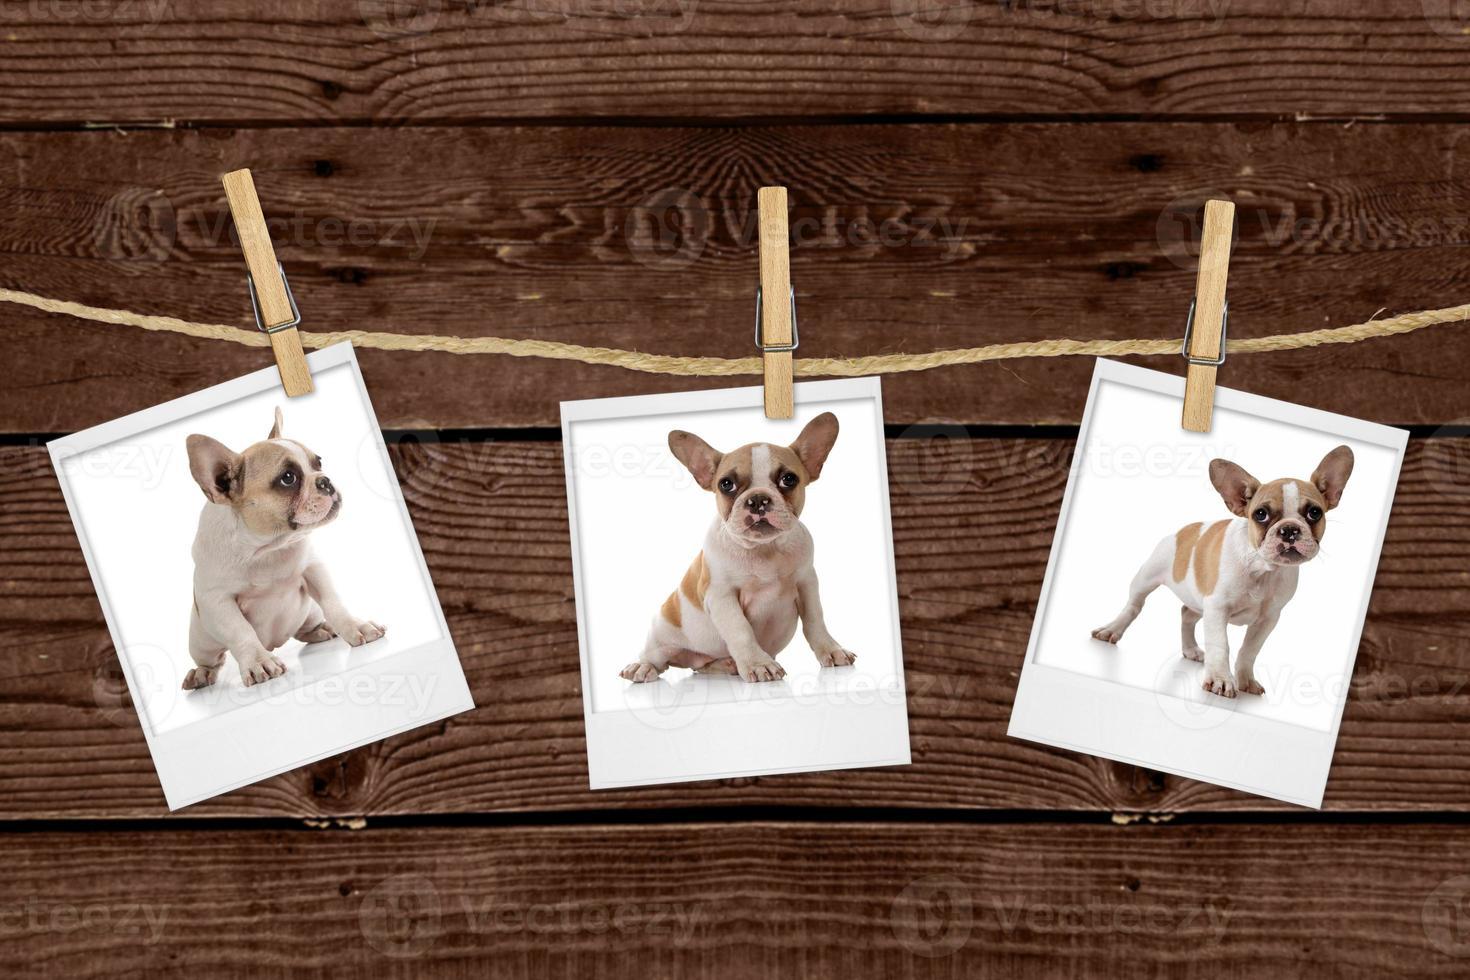 photos accrochées à une corde d'un adorable chiot